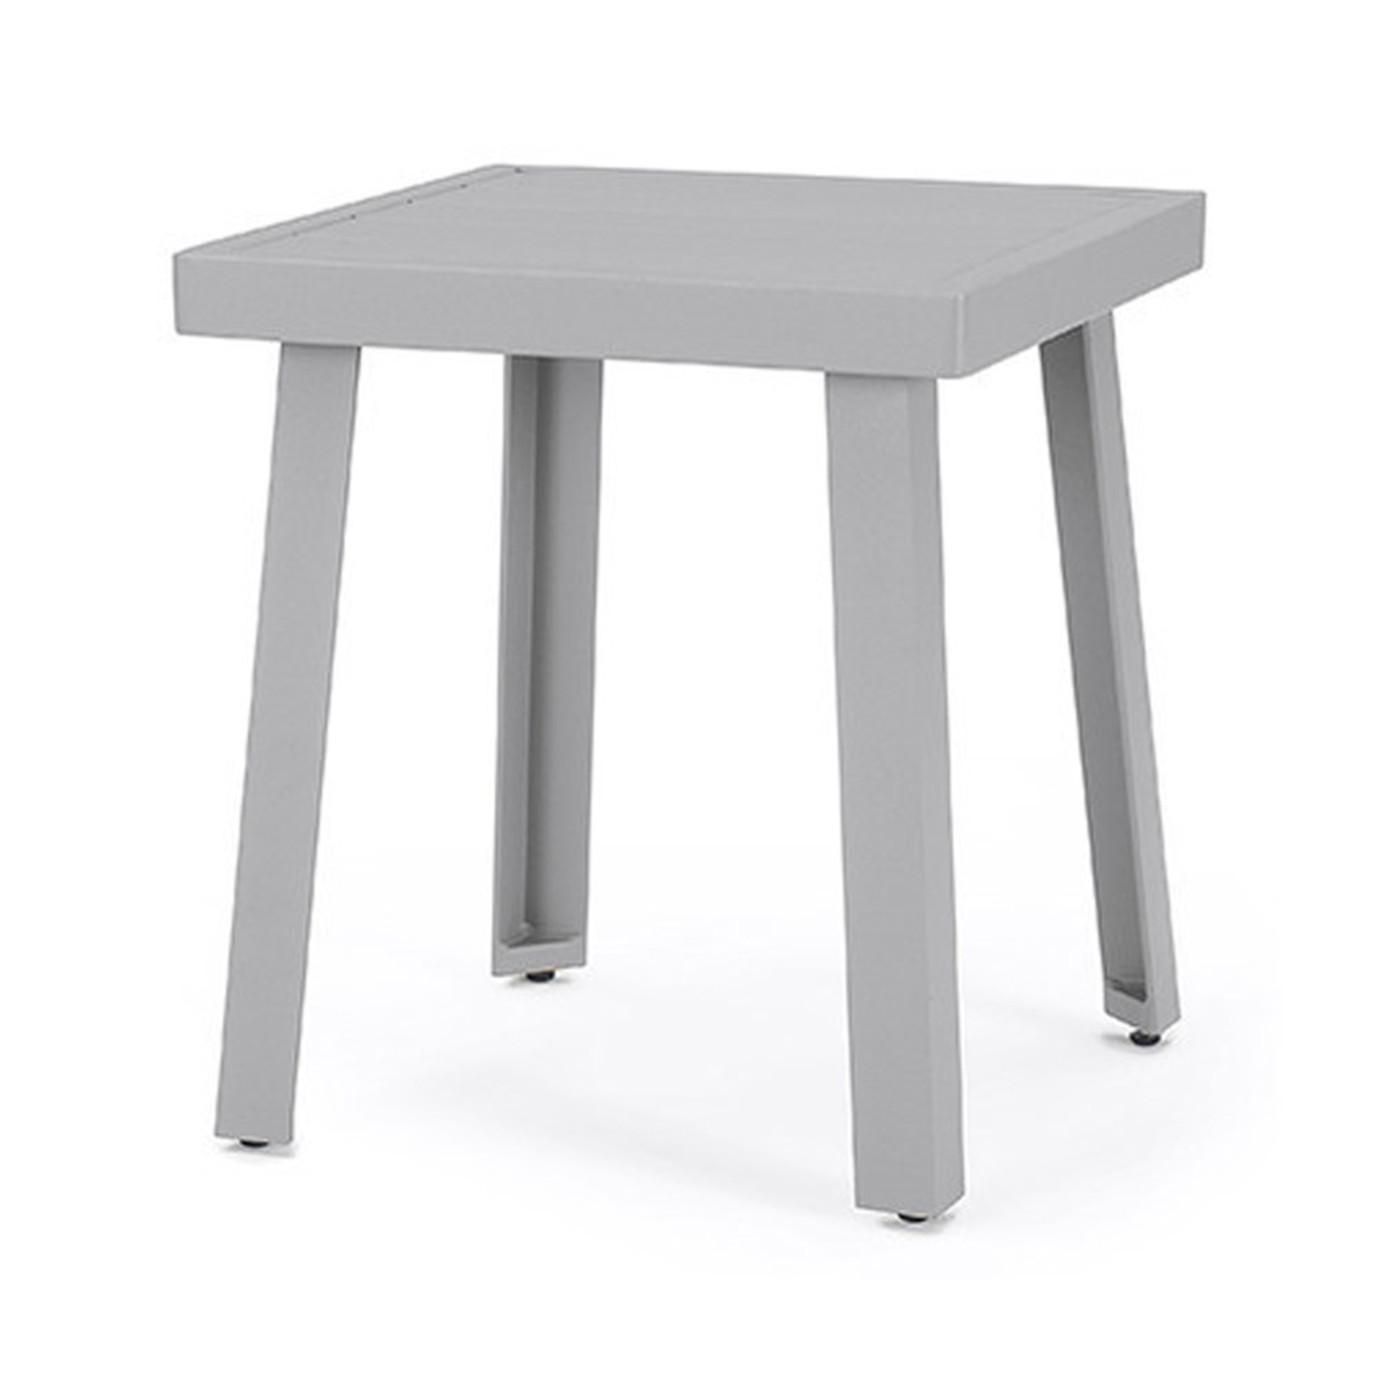 Portofino® Sling 20x20 Side Table - Gray